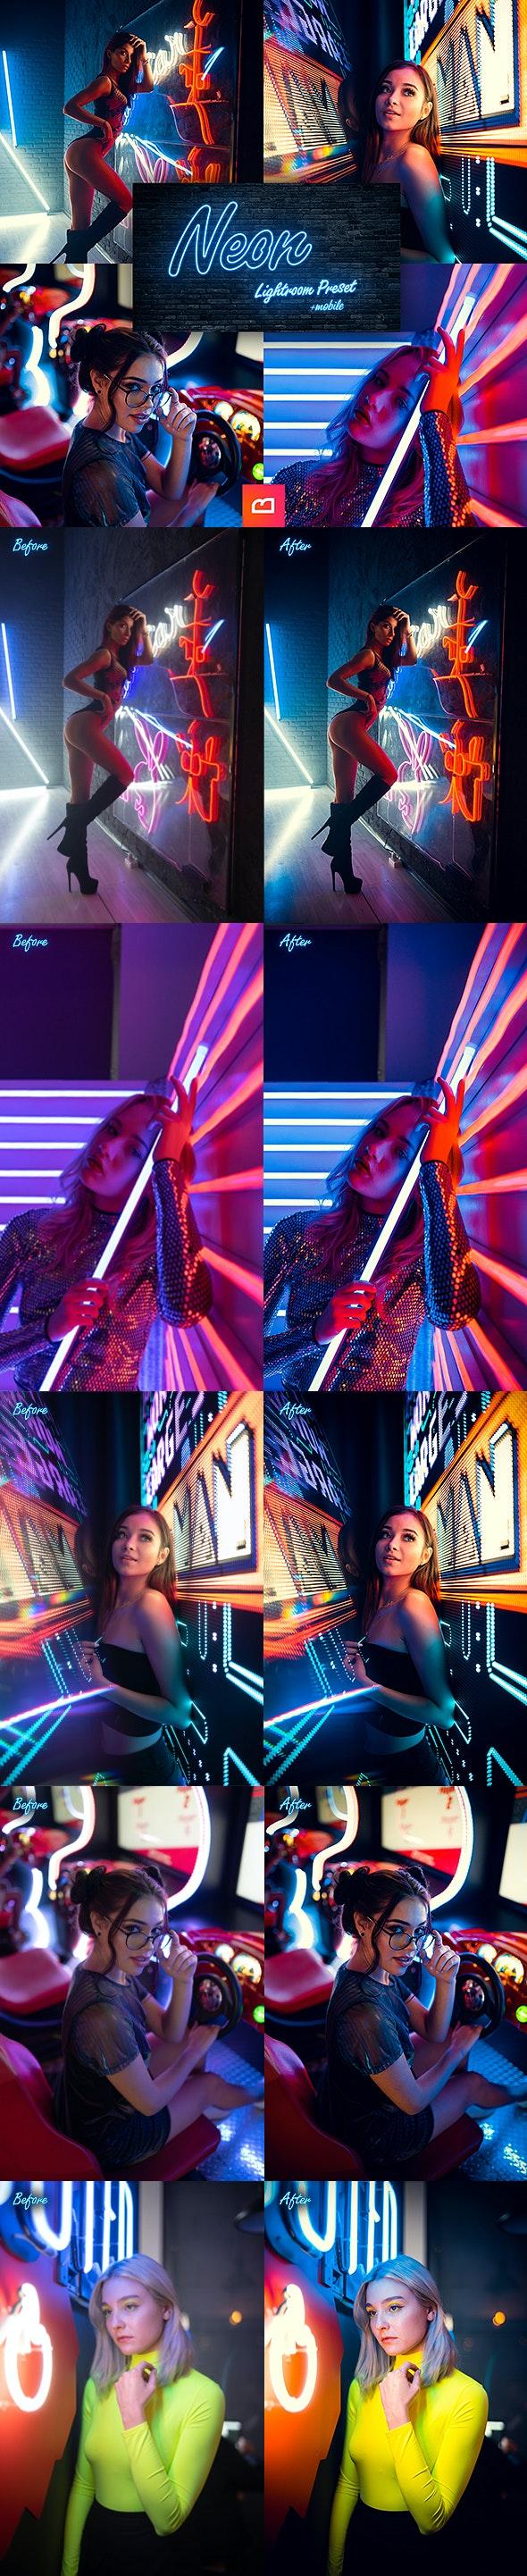 Artistic Collection - Neon Lightroom Preset (Mobile & Desktop) - Portrait Lightroom Presets